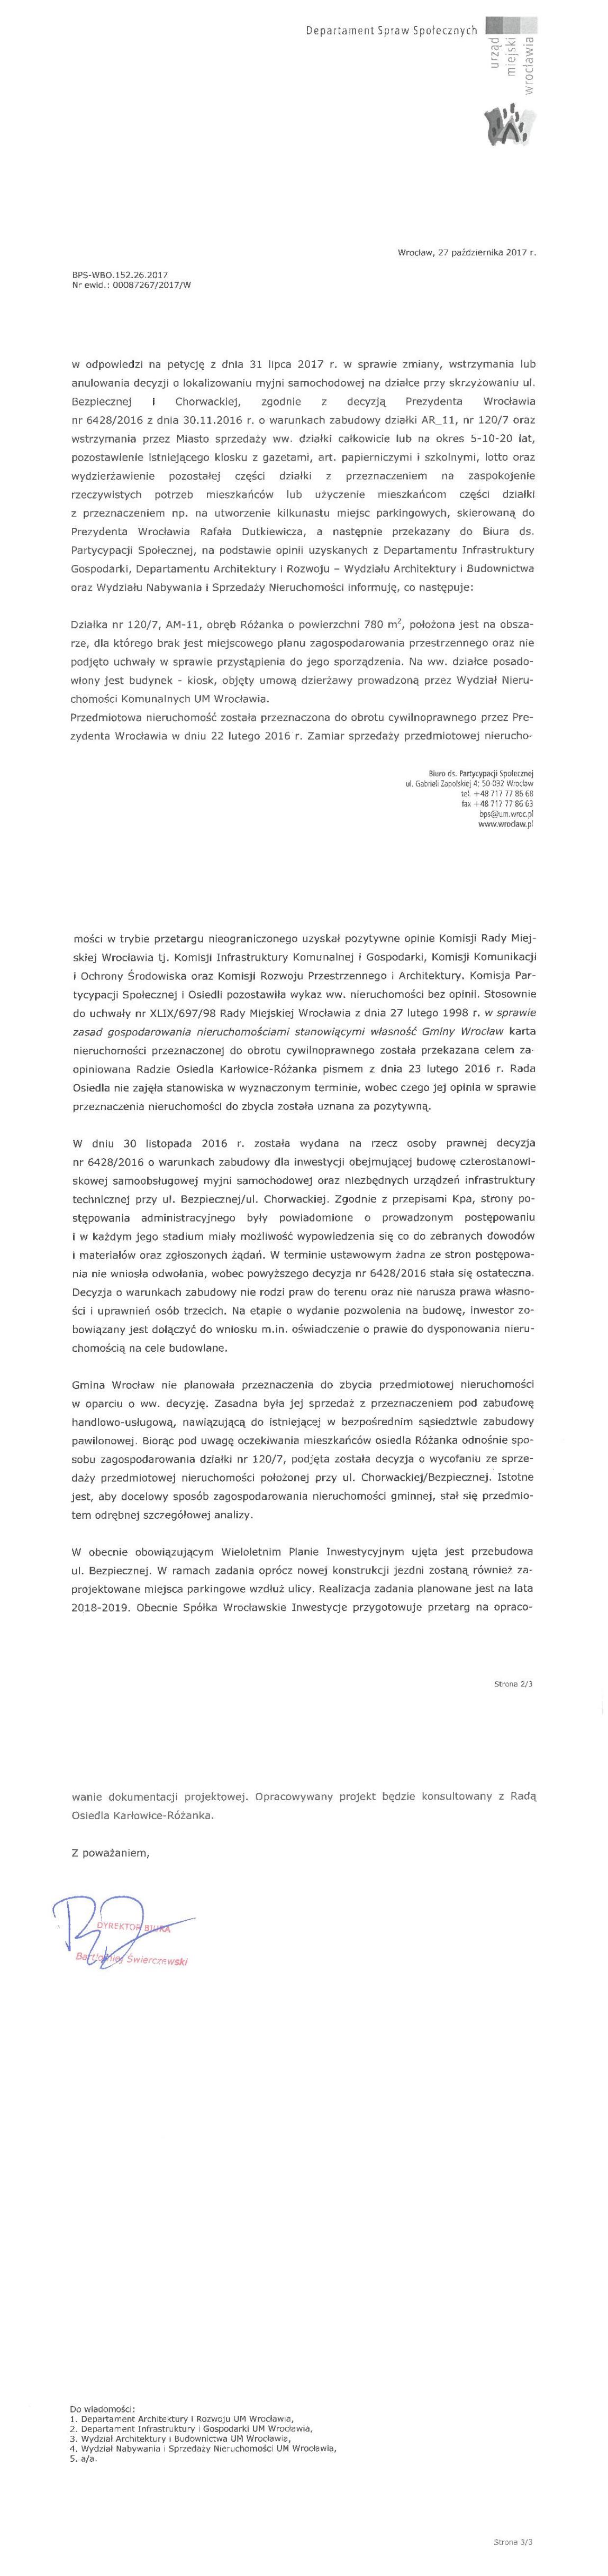 Odpowiedż na petycję w sprawie myjni samochodowej ulica bezpieczna wrocław